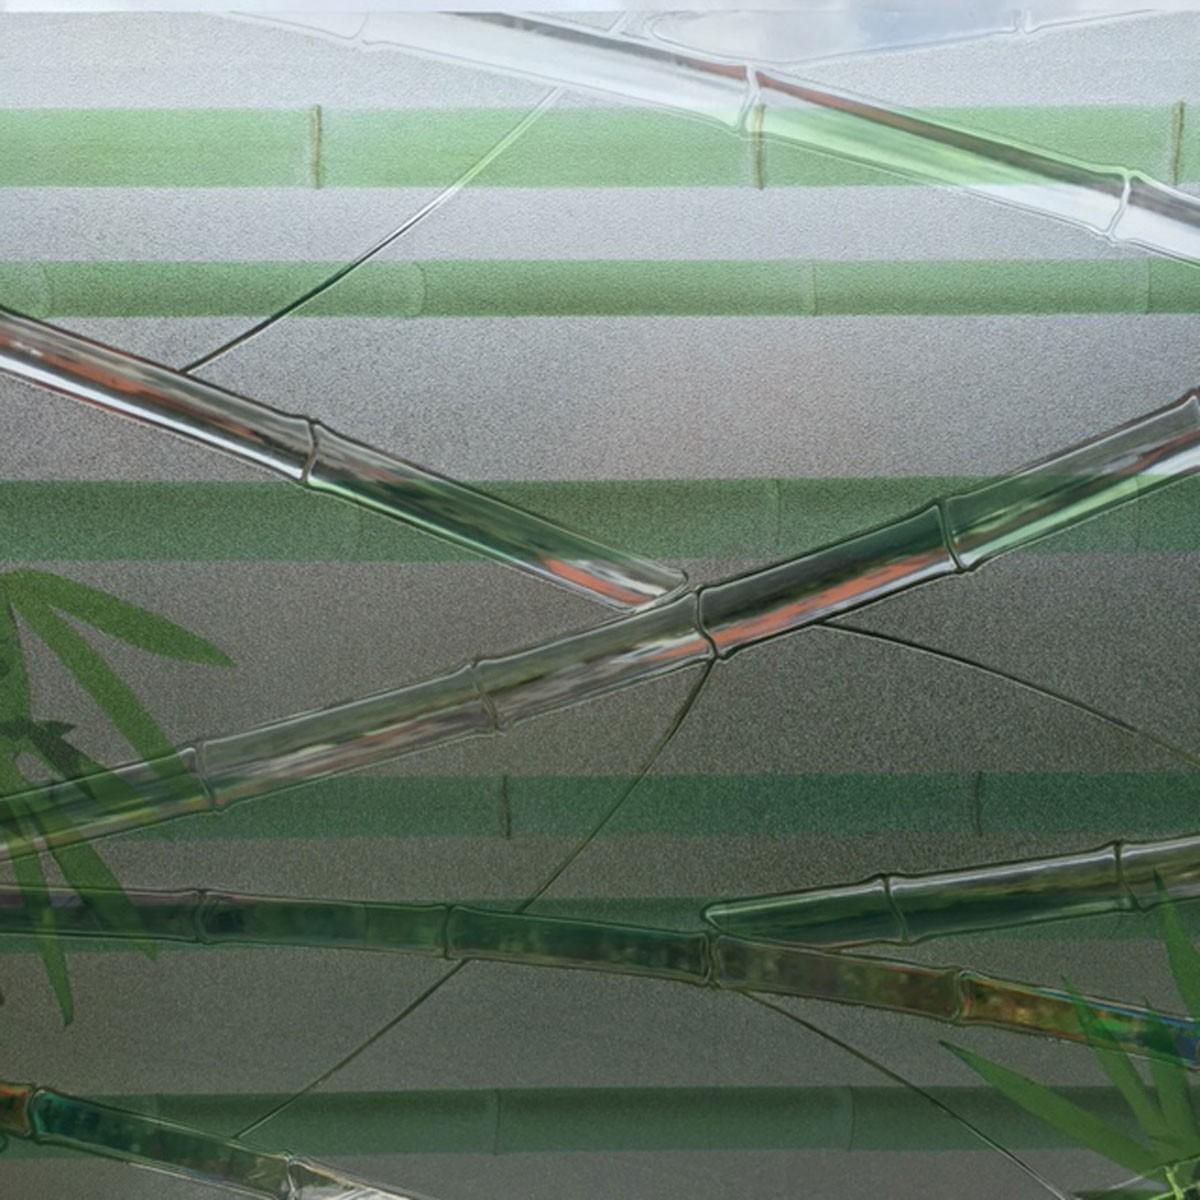 linea fix dekorfolie statische fensterfolie bambus viele gr en glasdekorfolie ebay. Black Bedroom Furniture Sets. Home Design Ideas